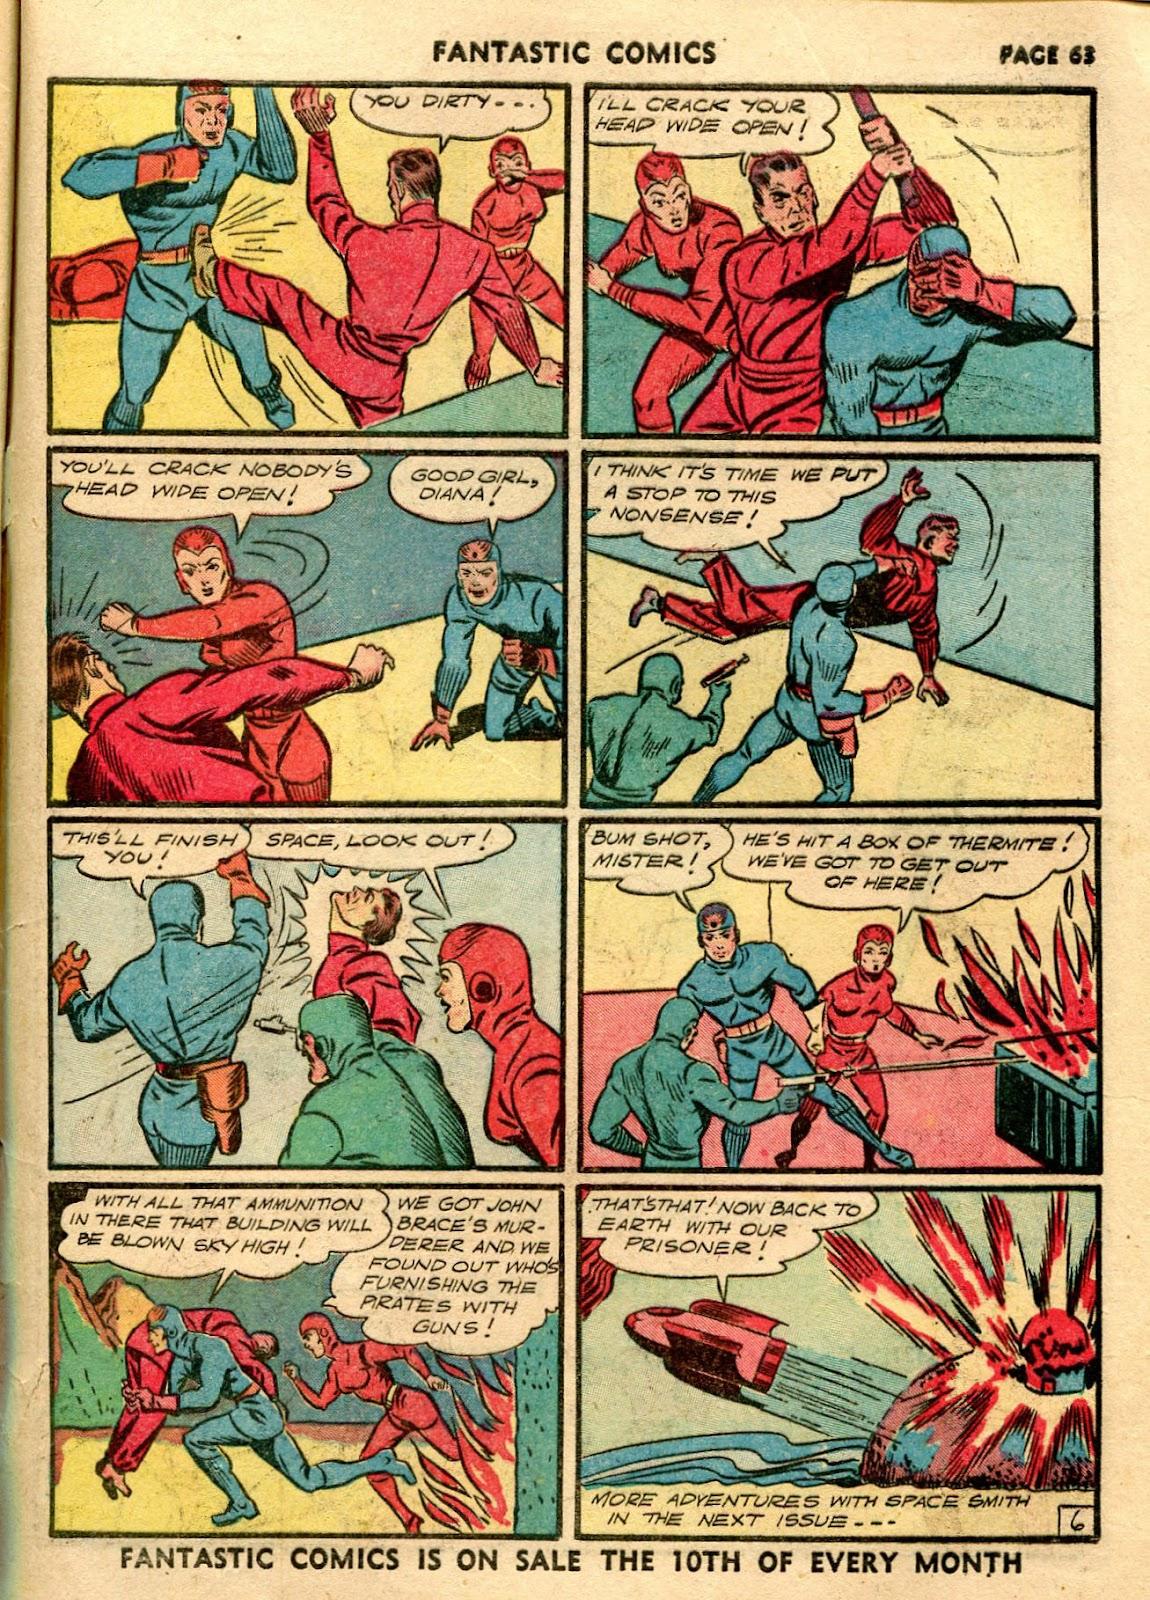 Read online Fantastic Comics comic -  Issue #21 - 61